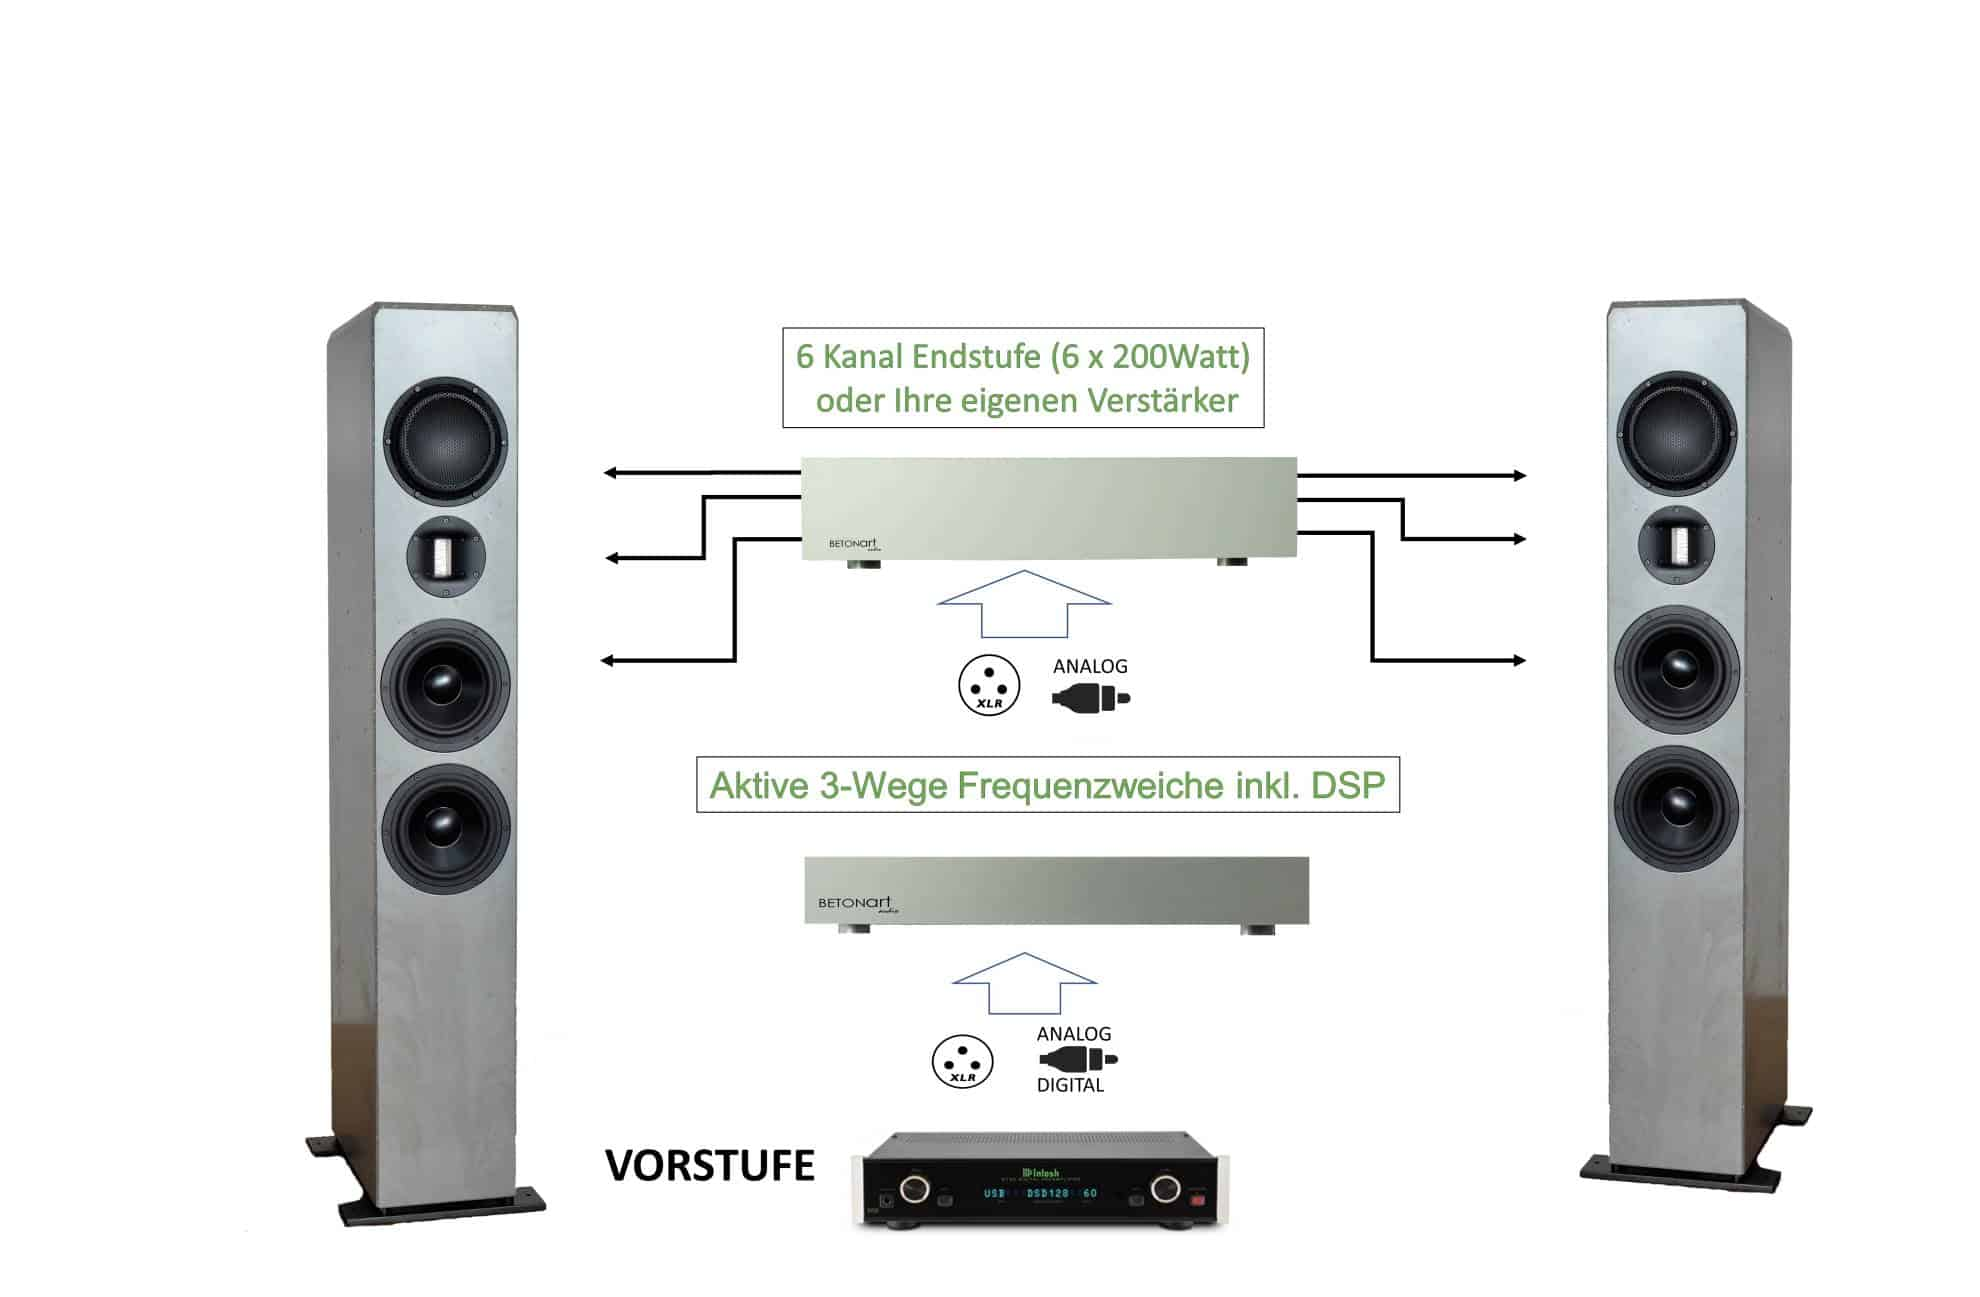 Vollaktivierung mit aktiver Weiche und 6 Kanal Endstufen  ( Betonart-audio)